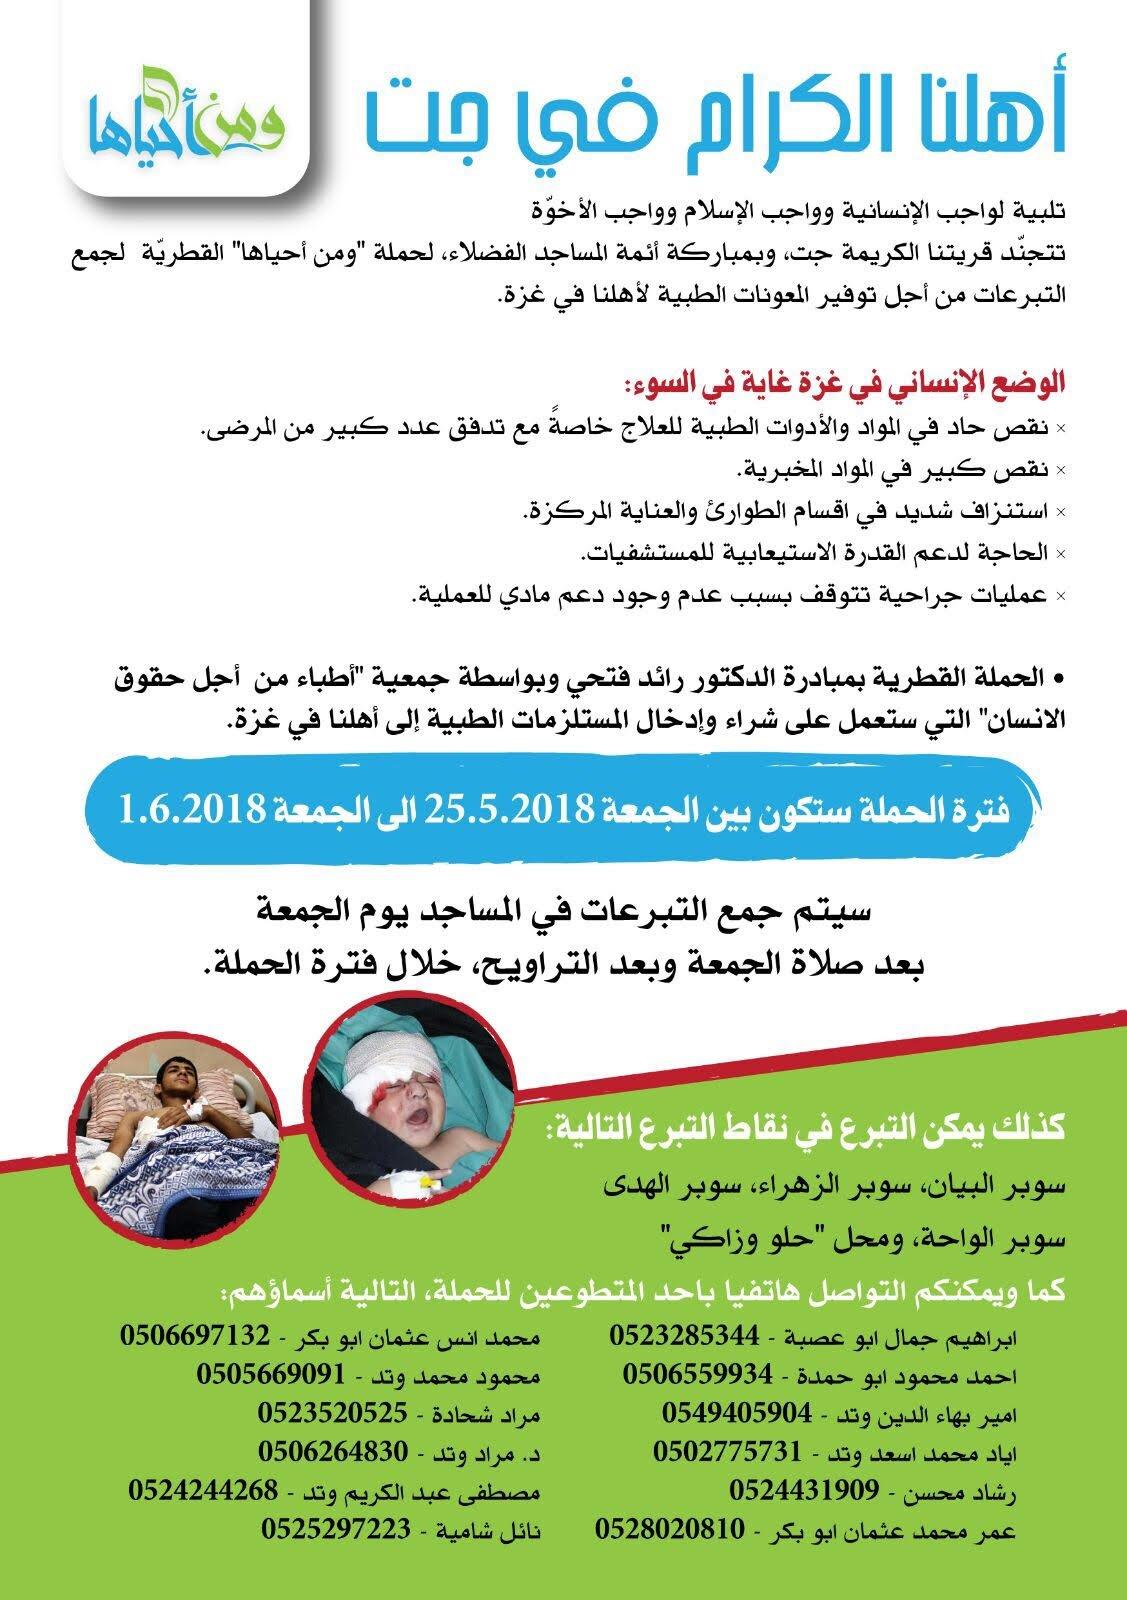 اطلاق حملة ومن احياها لاغاثة اهالي غزة